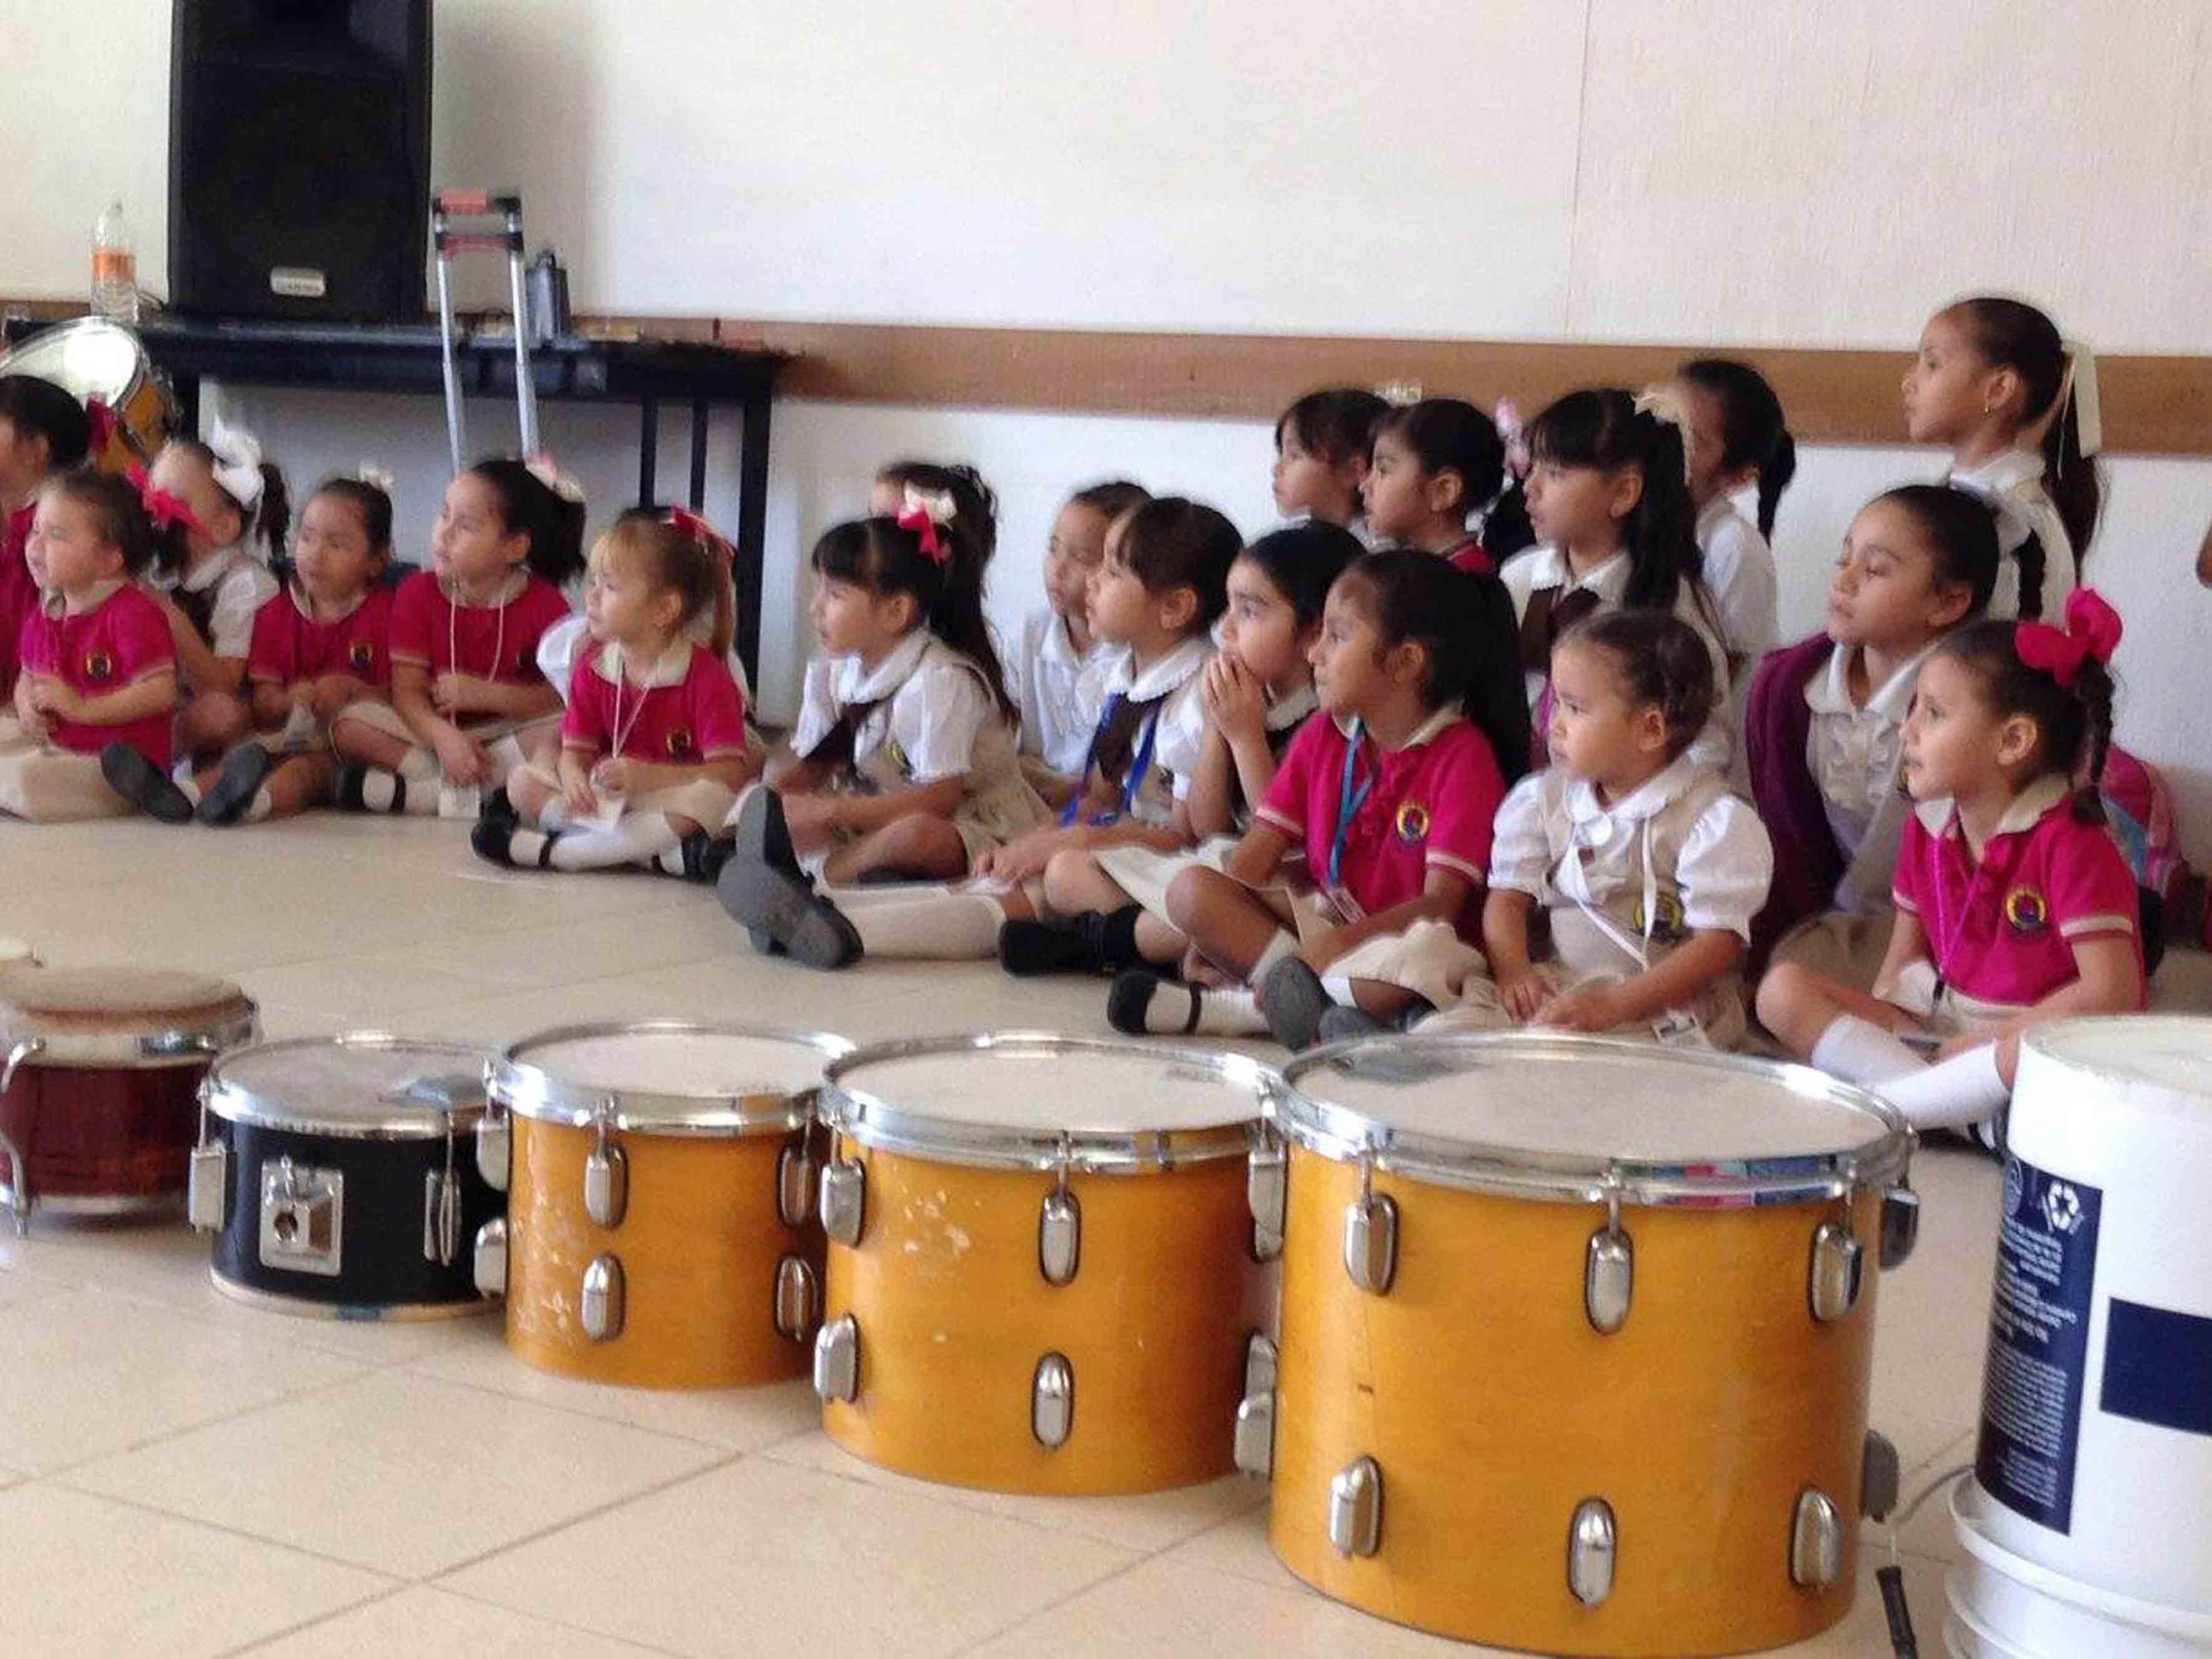 Niñas sentadas alrededor del piso y enfrente de ellas tambores colocados en forma horizontal por tamaño de menor a mayor.